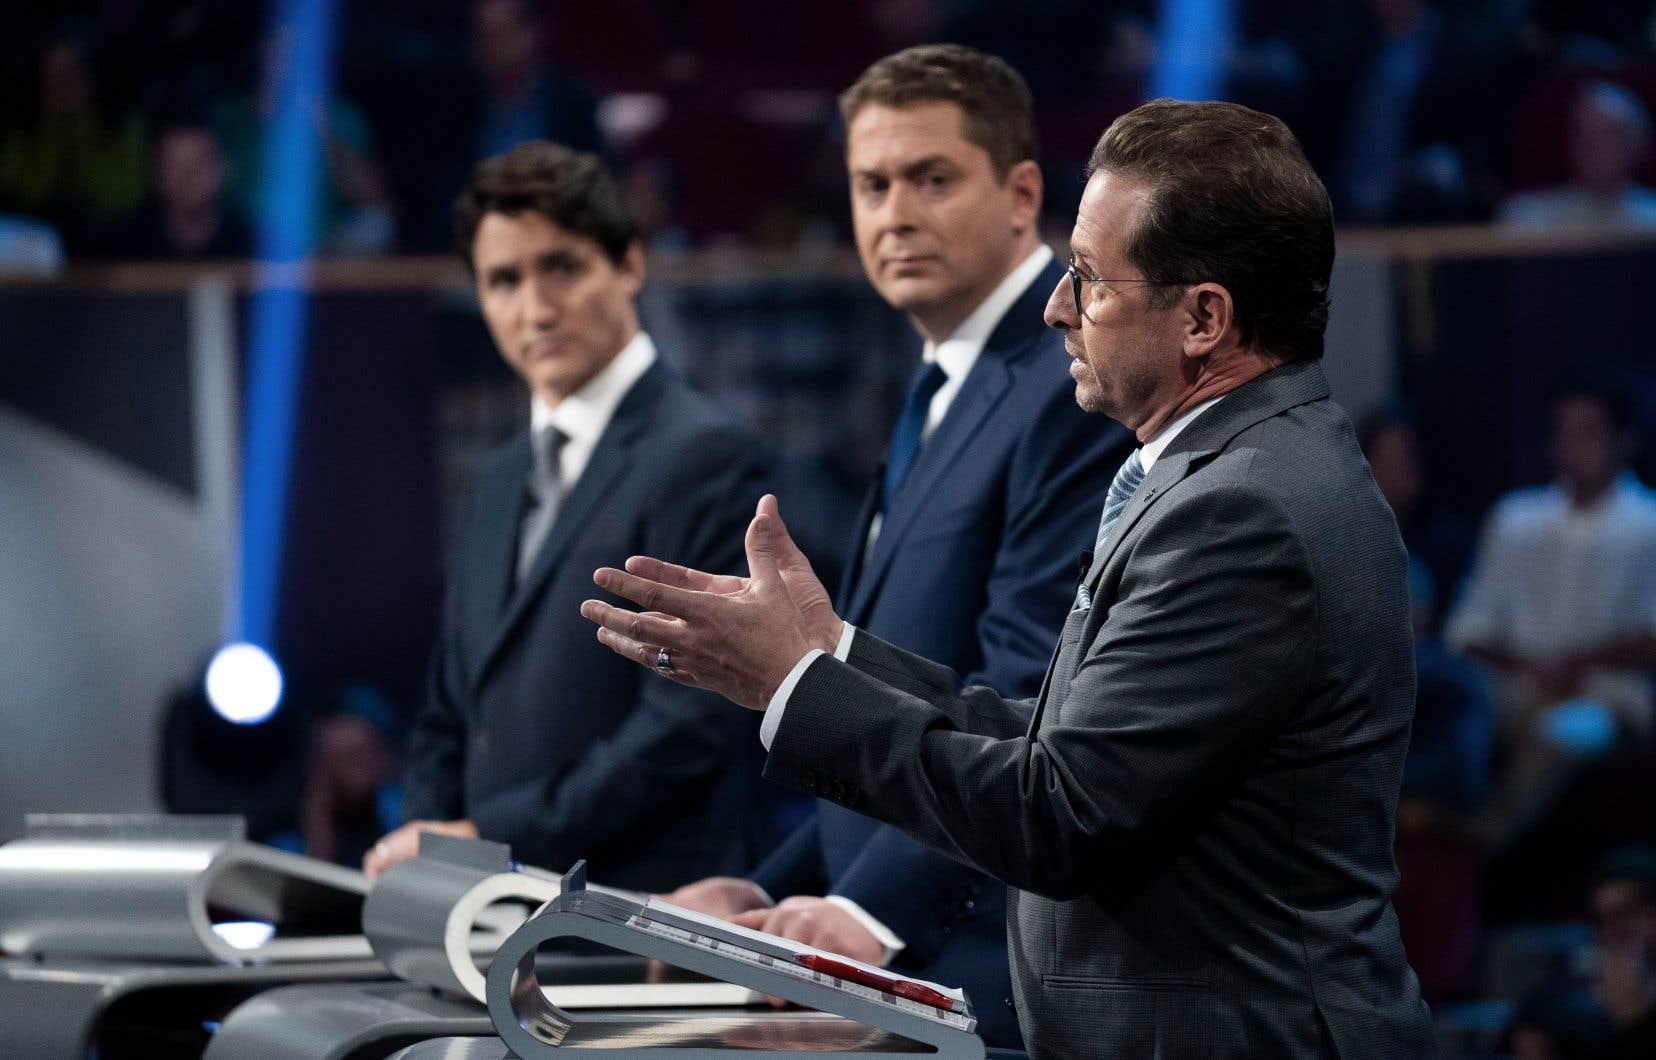 Les chefs de parti, notamment Justin Trudeau, Andrew Scheer et Yves-François Blanchet, ont croisé le fer à deux reprises devant les caméras de télévision au cours de la campagne électorale.